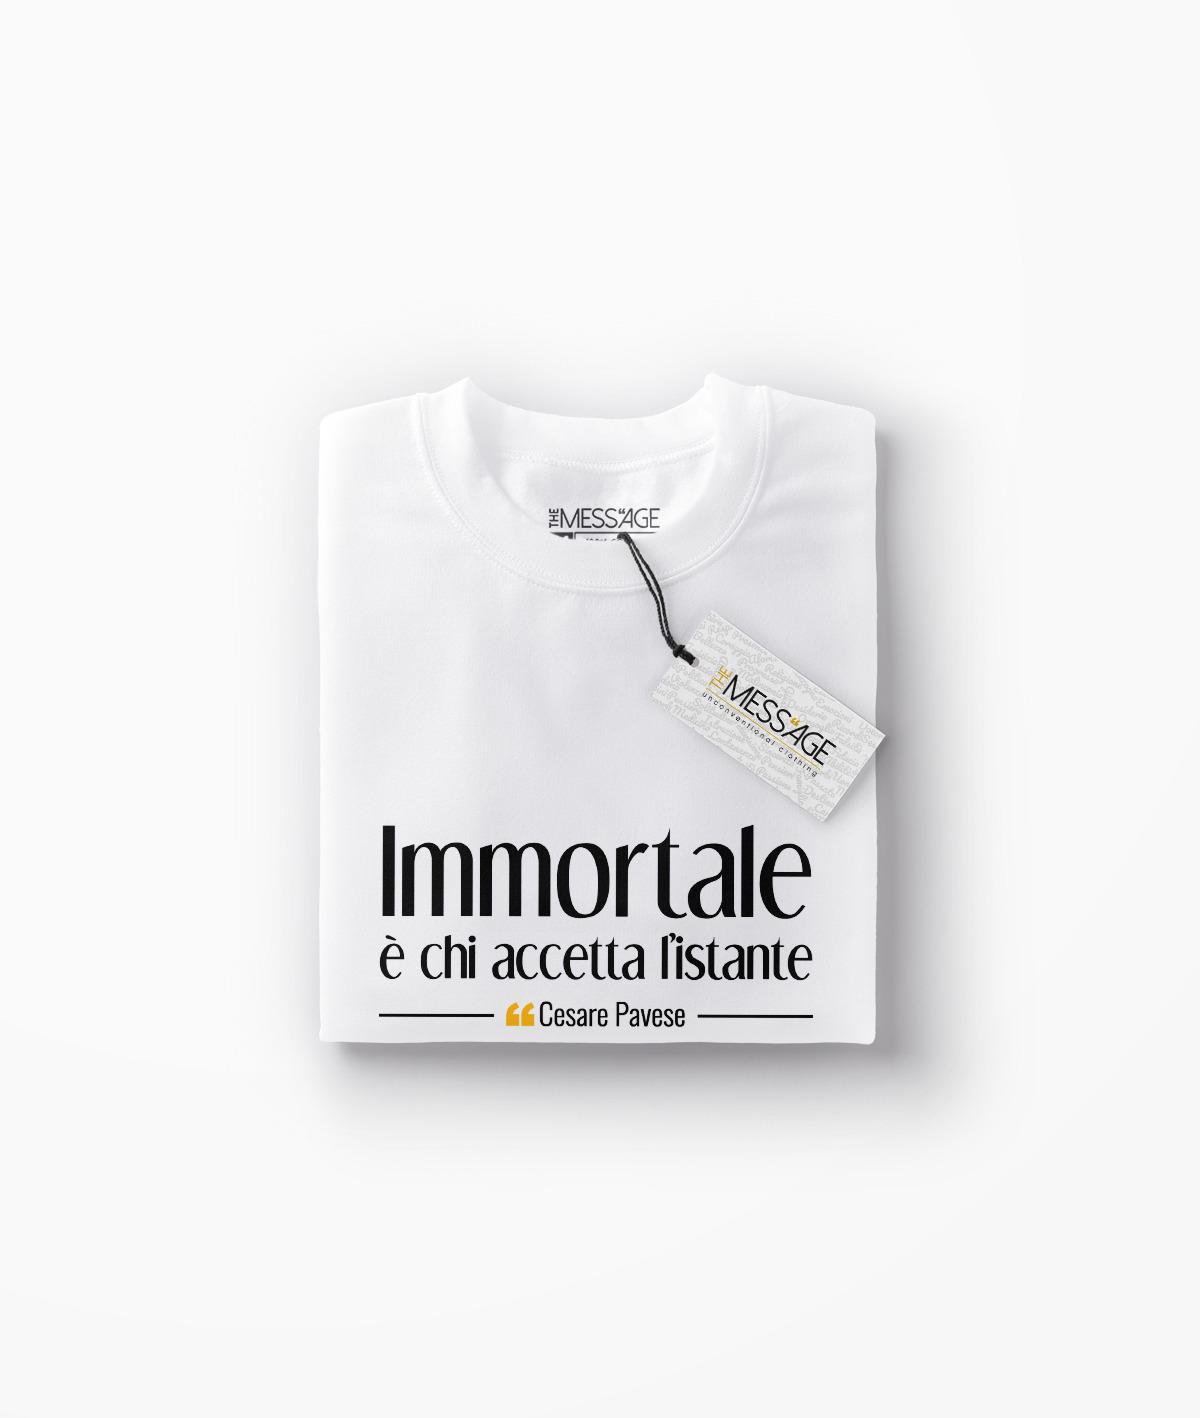 Immortale è chi accetta l'istante – Cesare Pavese T-Shirt